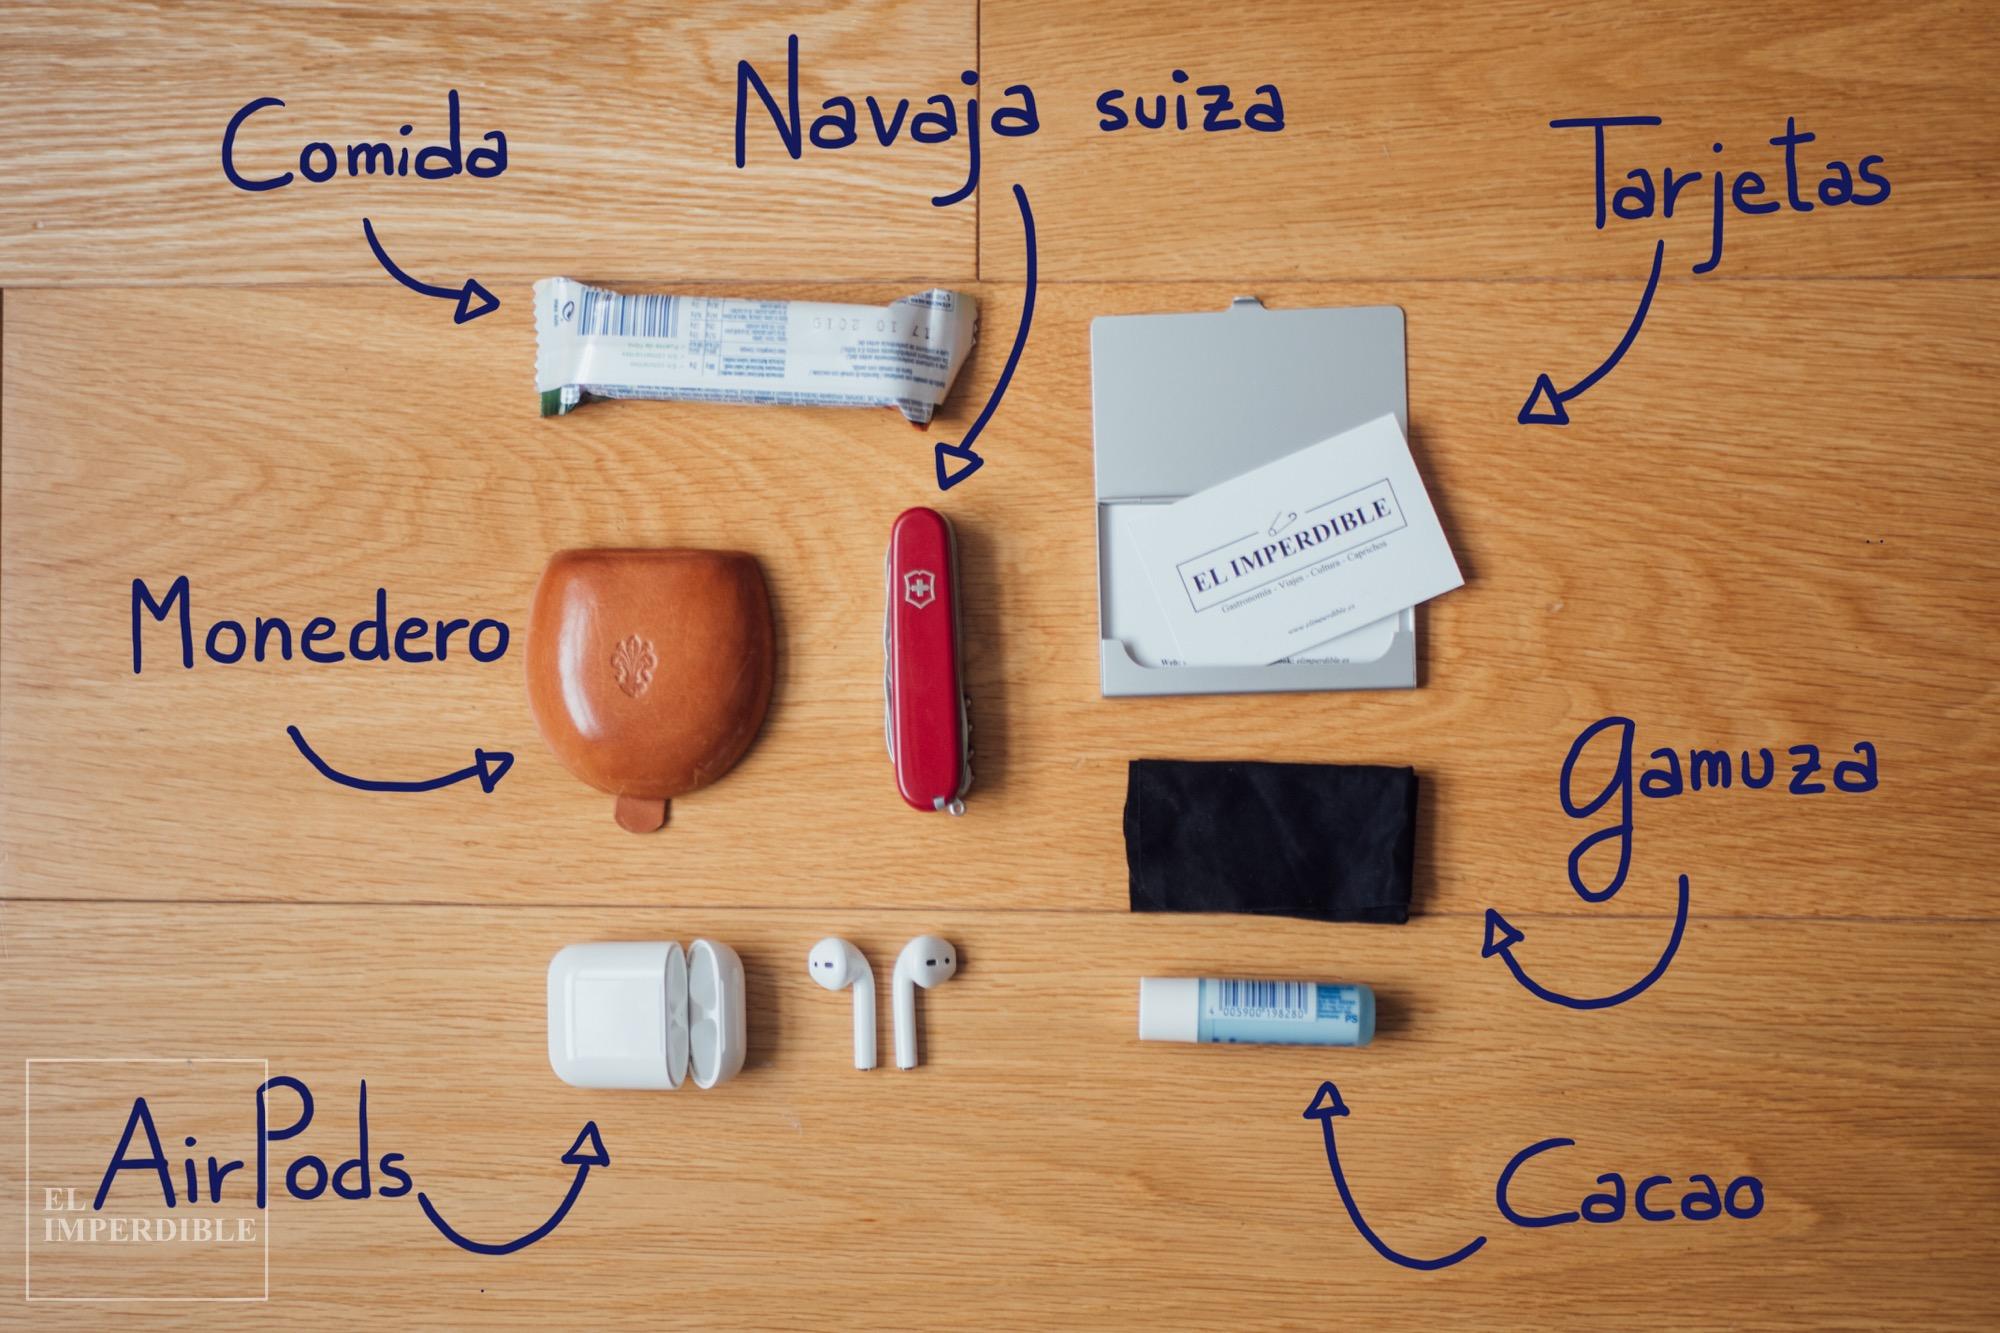 Qué llevo en mi mochila de trabajo edc Monedero navaja suiza Victorinox apple airpods